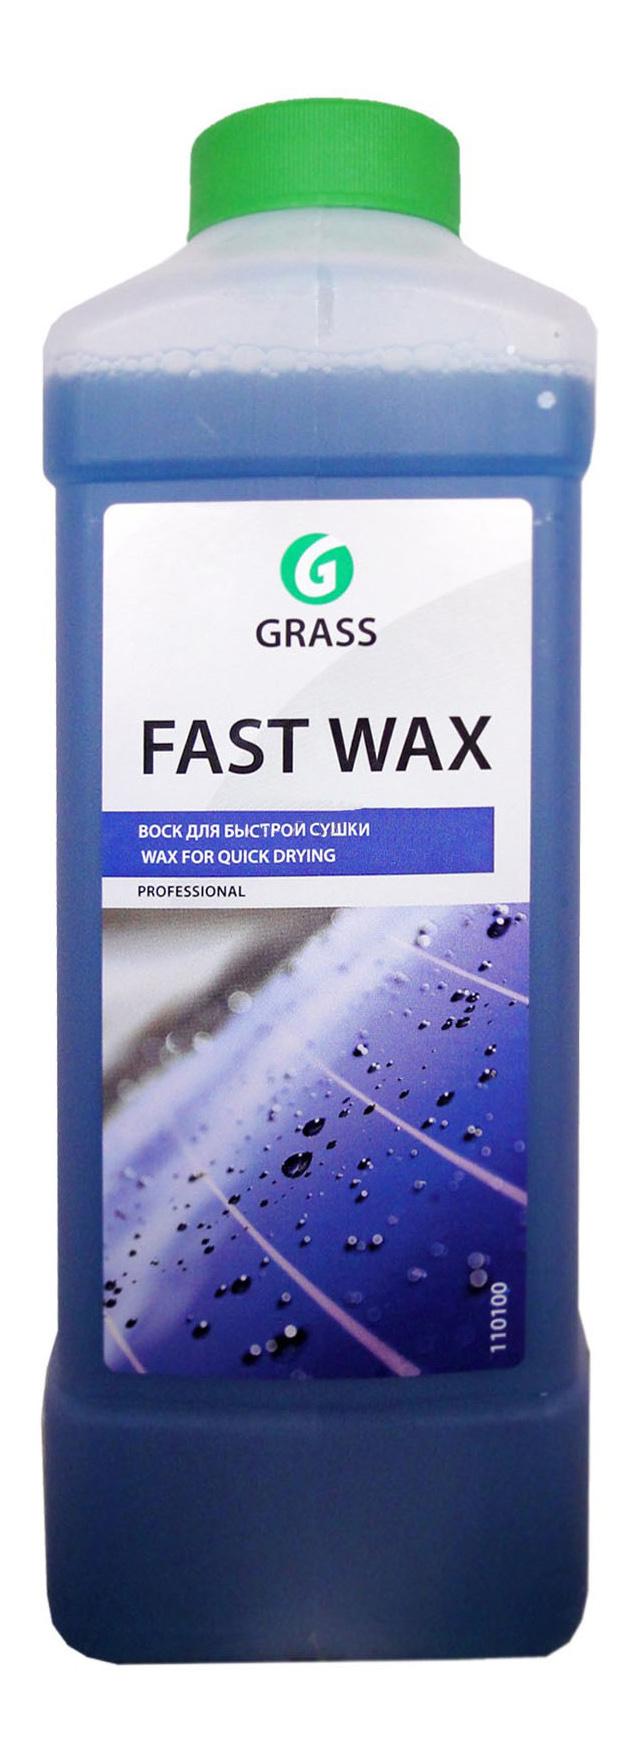 Воск для быстрой сушки, холодный GRASS Fast Wax (1л)